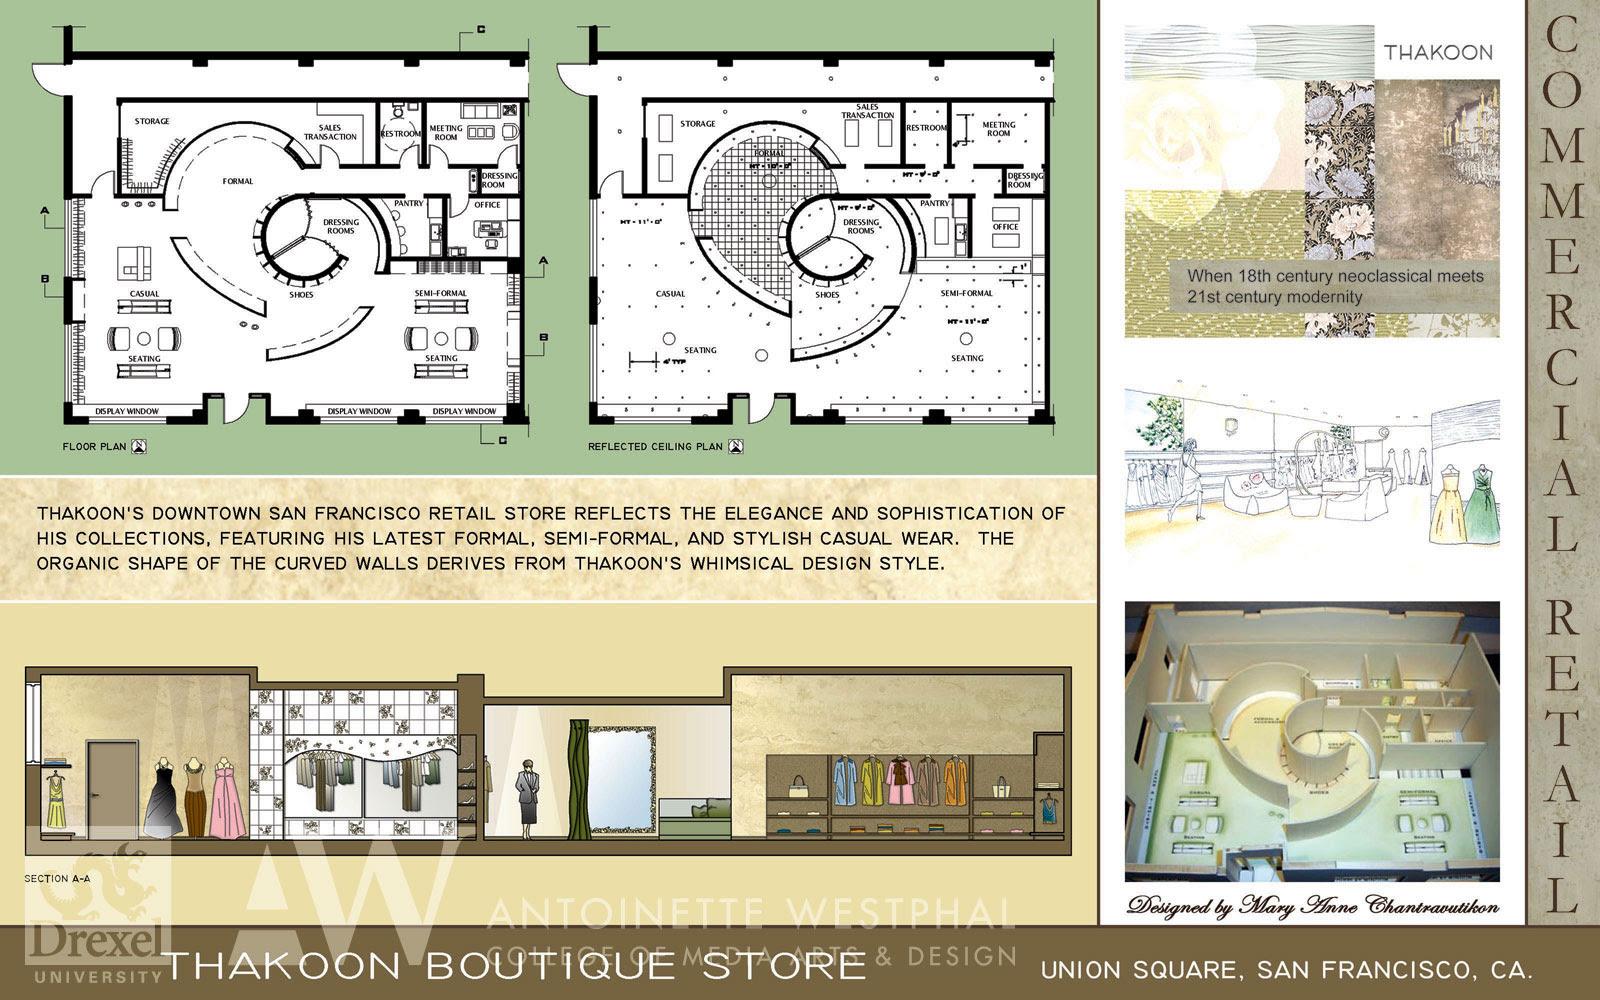 details   Antoinette Westphal College of Media Arts and Design